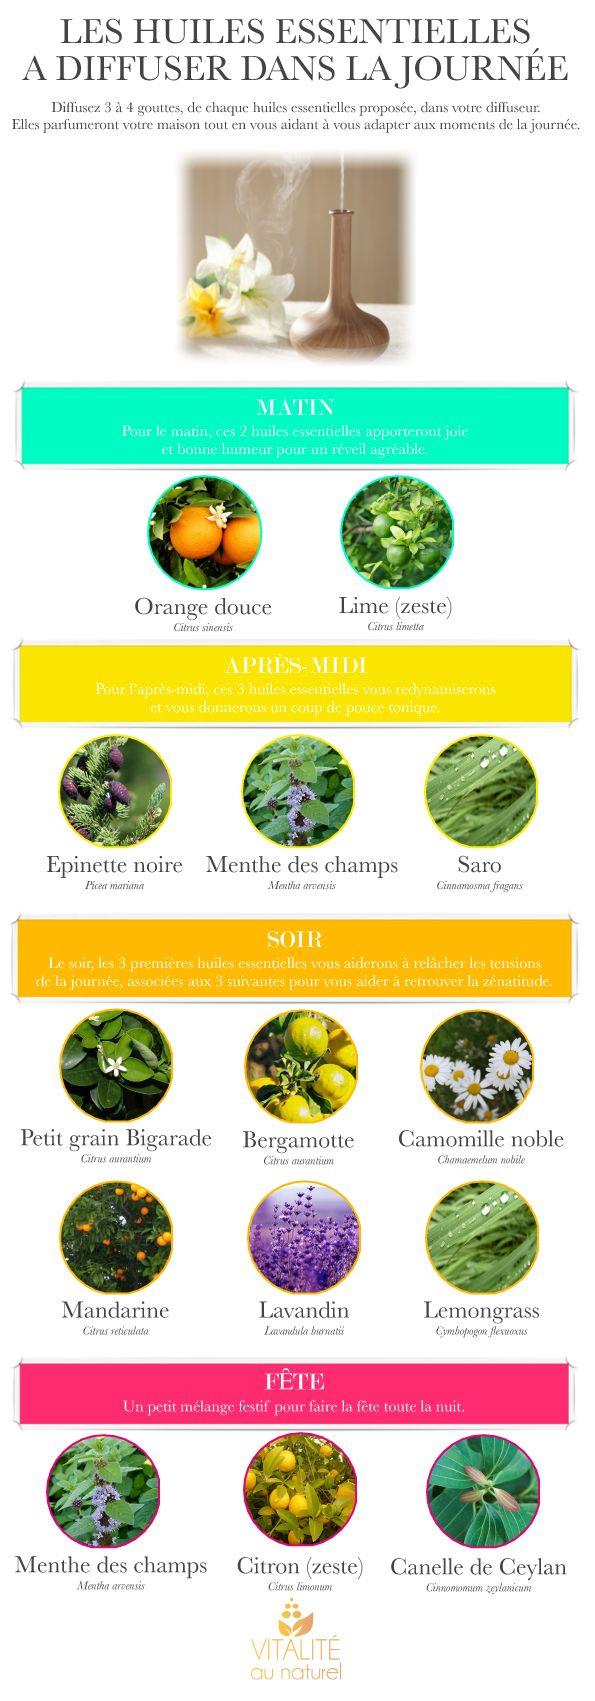 Les meilleures huiles essentielles à diffuser suivant les moments de la journée. http://lavieestbelleaunaturel.com/